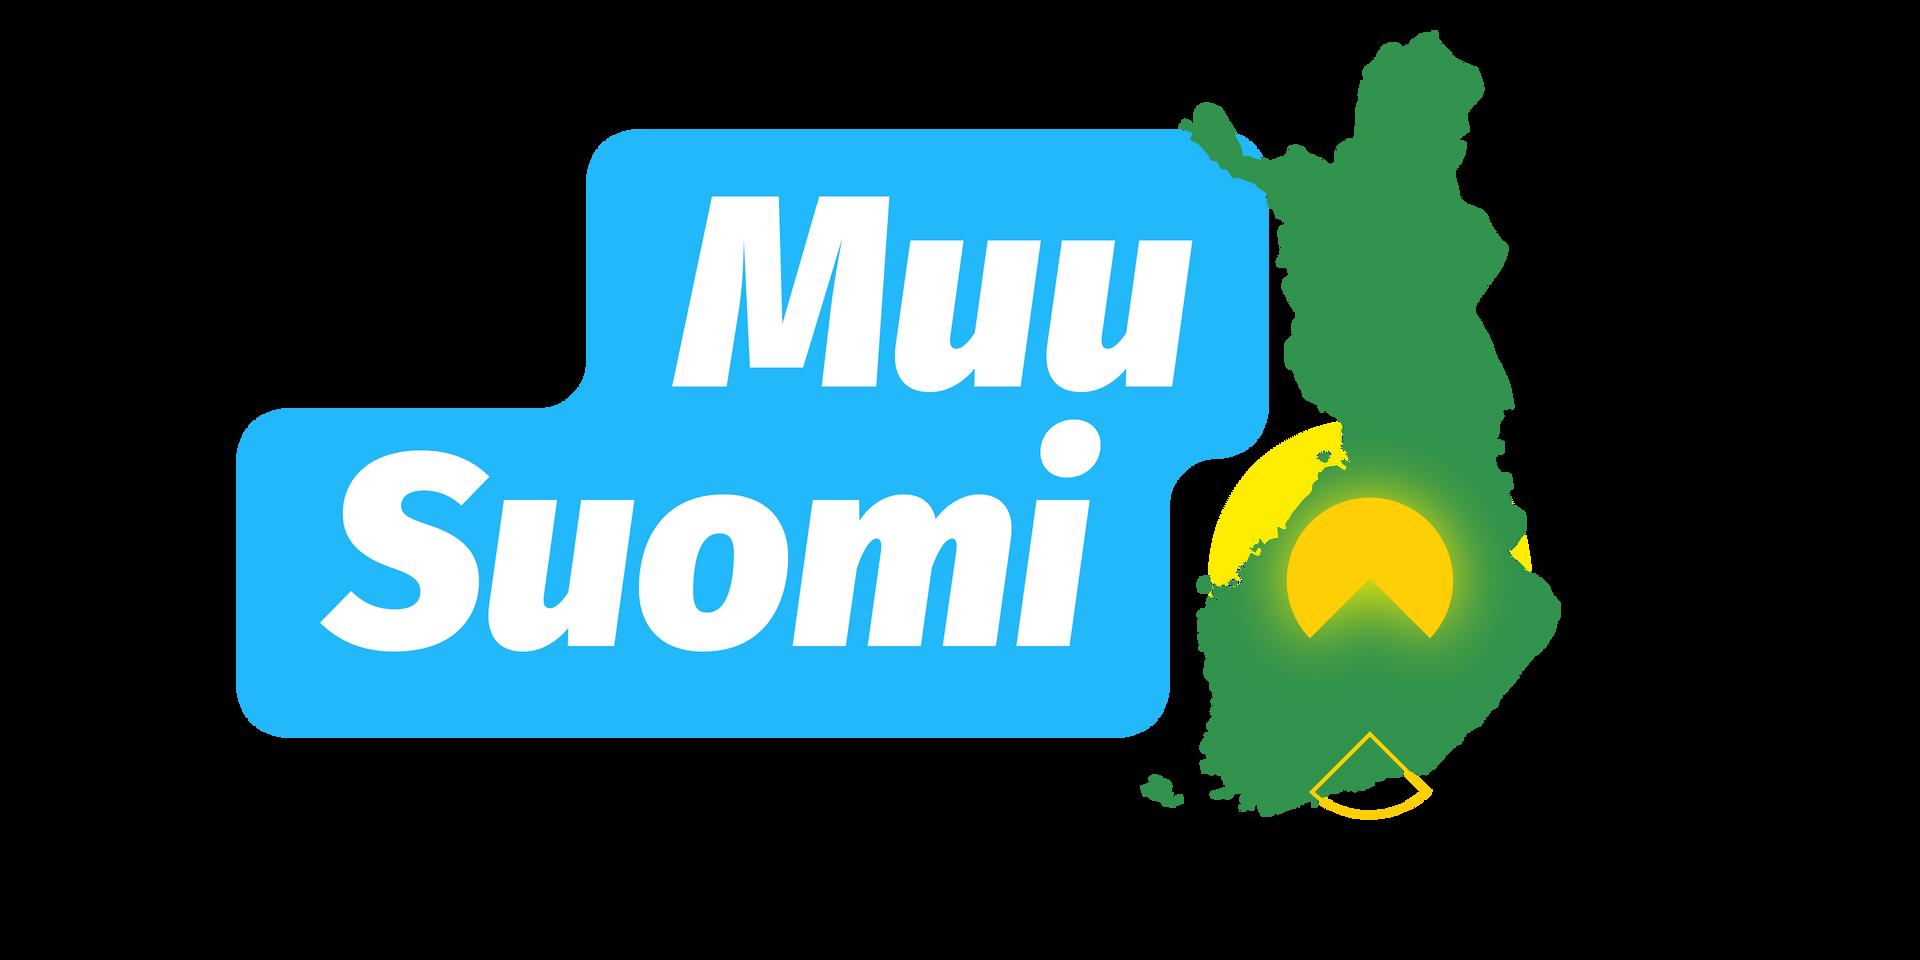 Muu-suomi.png